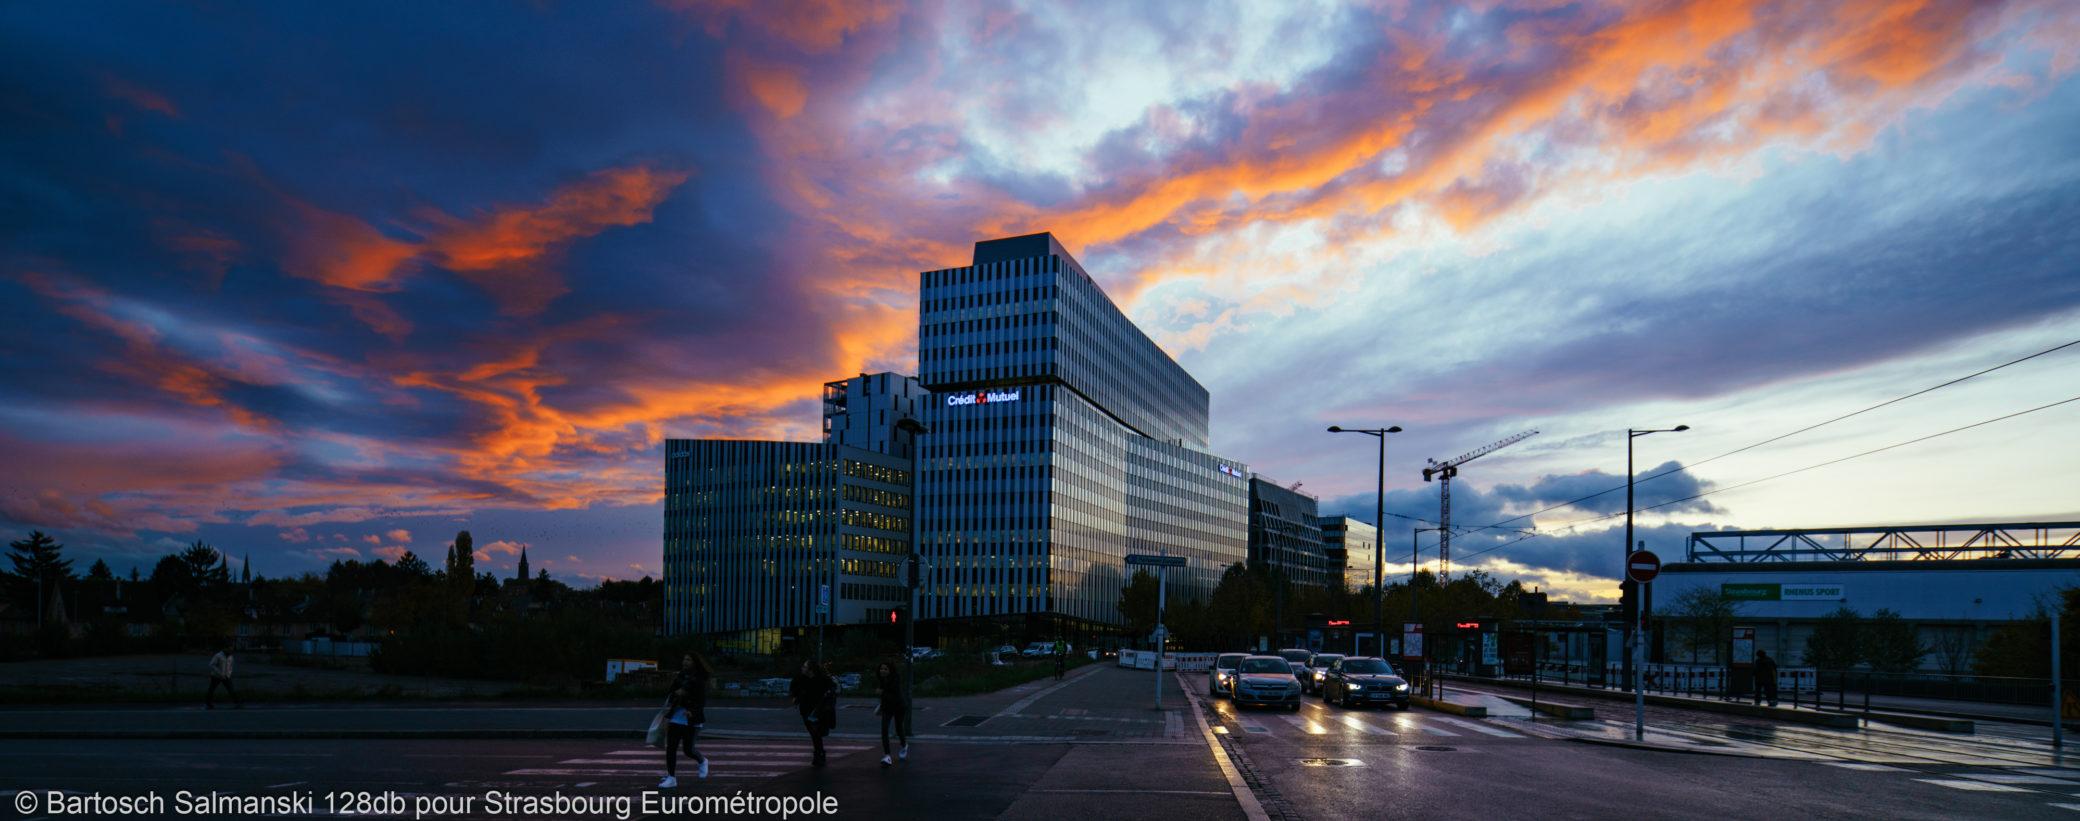 Crédit Mutuel - Archipel - Travailler à Strasbourg - 19-11-07 Quartier Wacken © Bartosch Salmanski - 128db.fr 0018